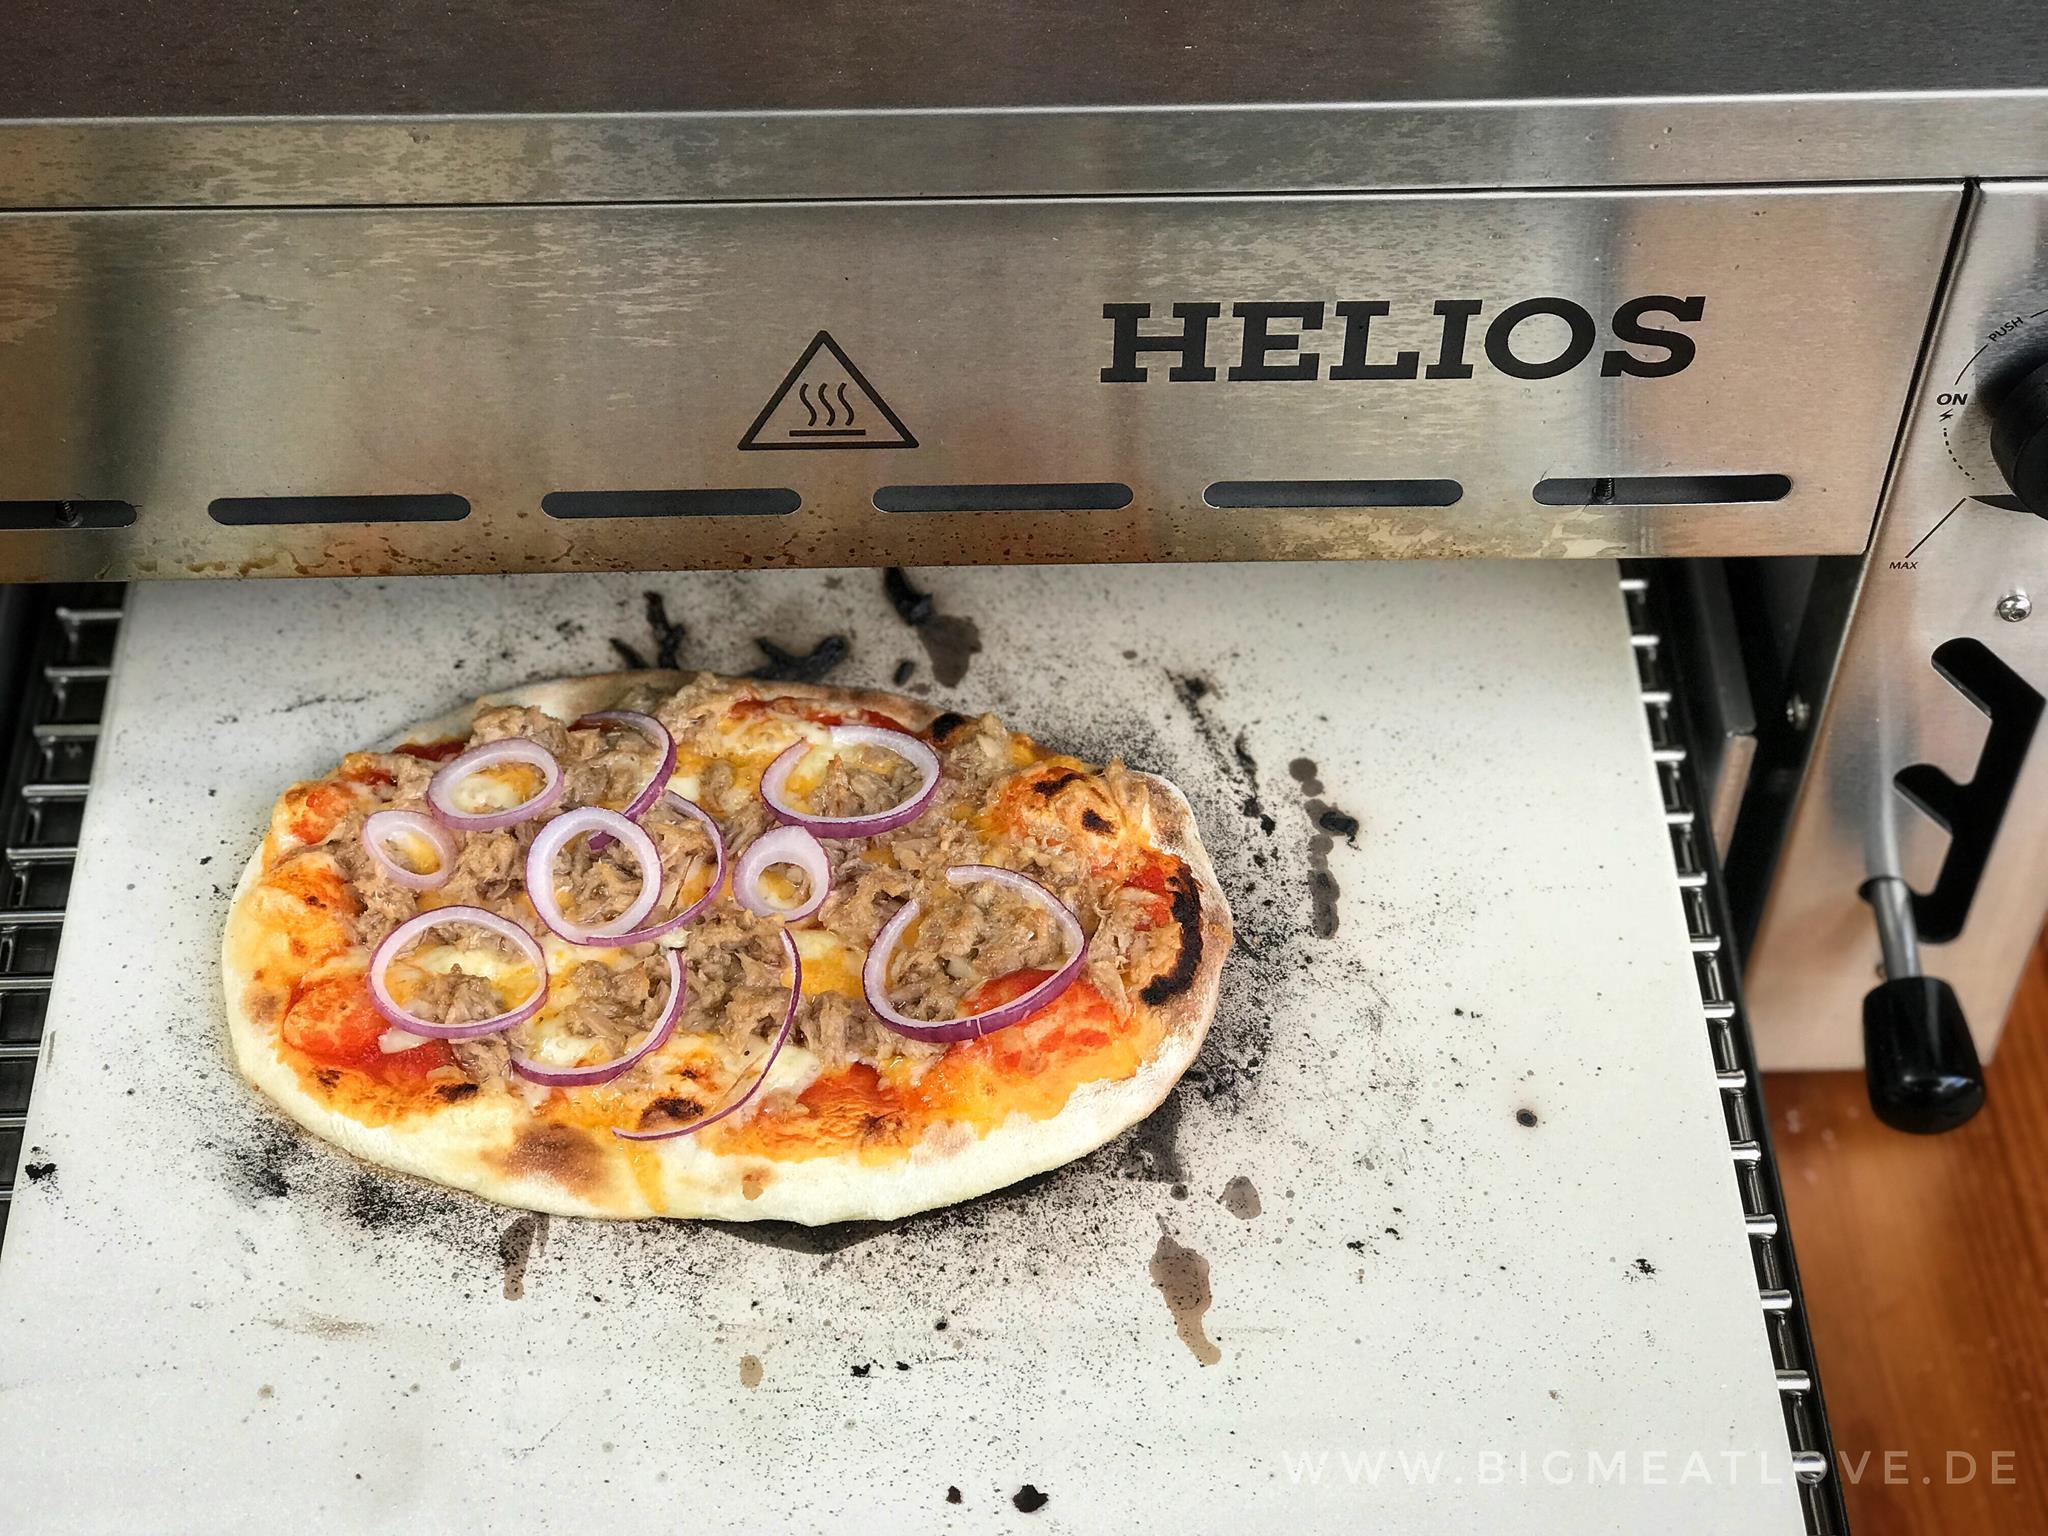 Pizzastein Aldi Anleitung Gasgrill : Bigmeatlove testet den meateor helios 800 grad oberhitzegrill für 249u20ac